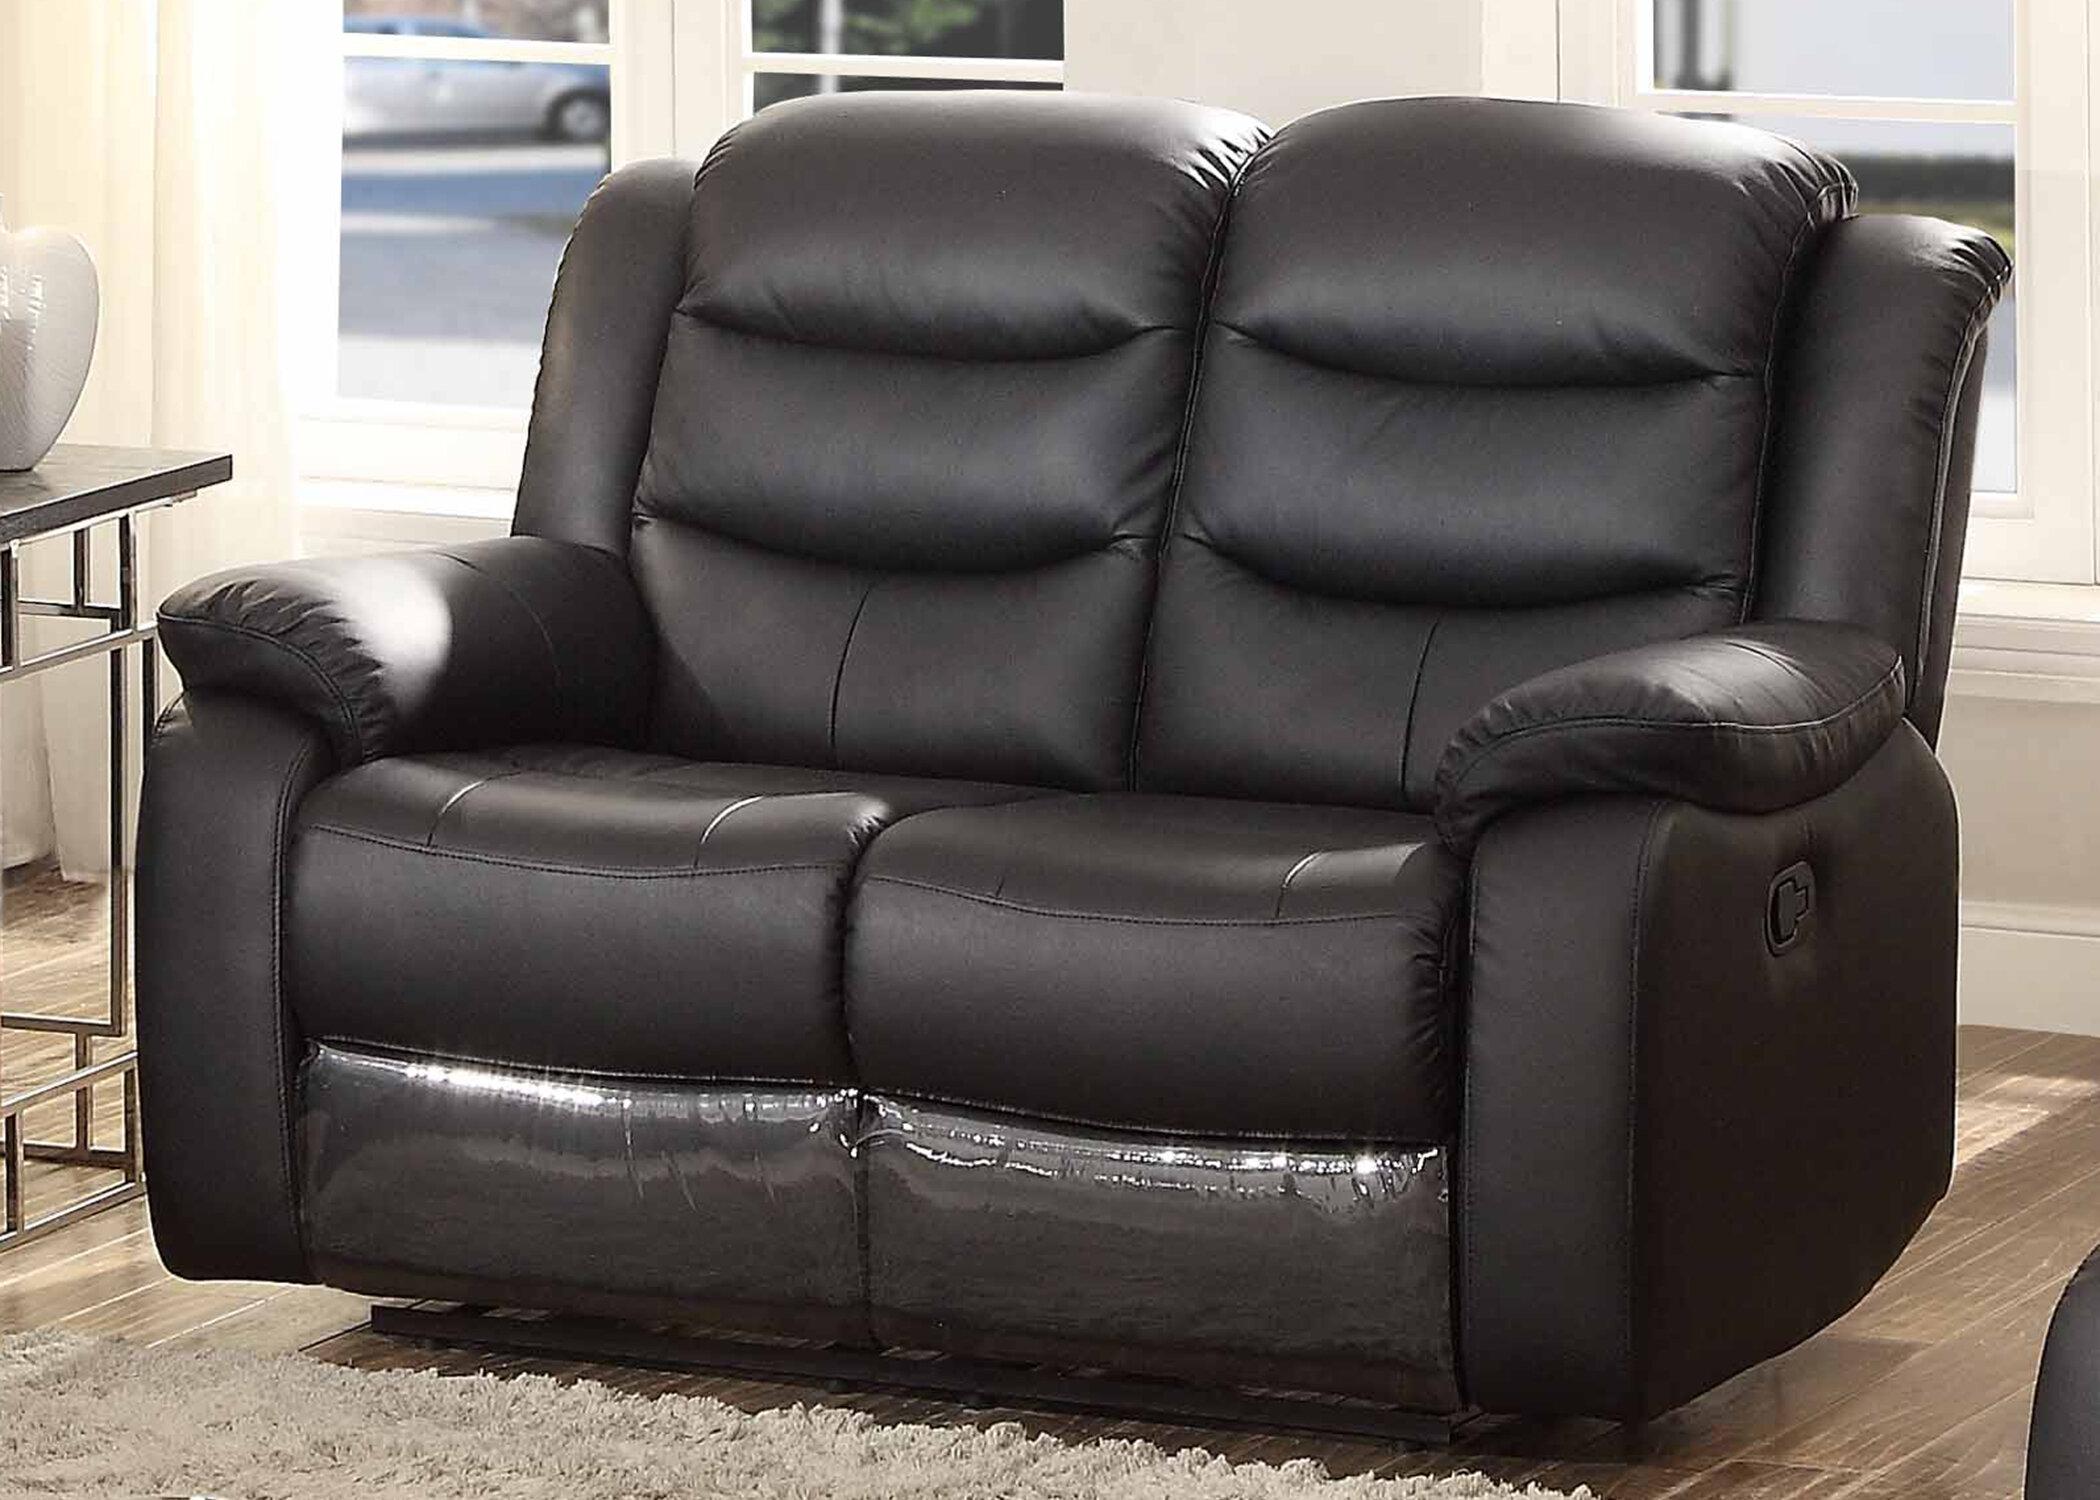 Fantastic Bennett Leather Reclining Loveseat Dailytribune Chair Design For Home Dailytribuneorg